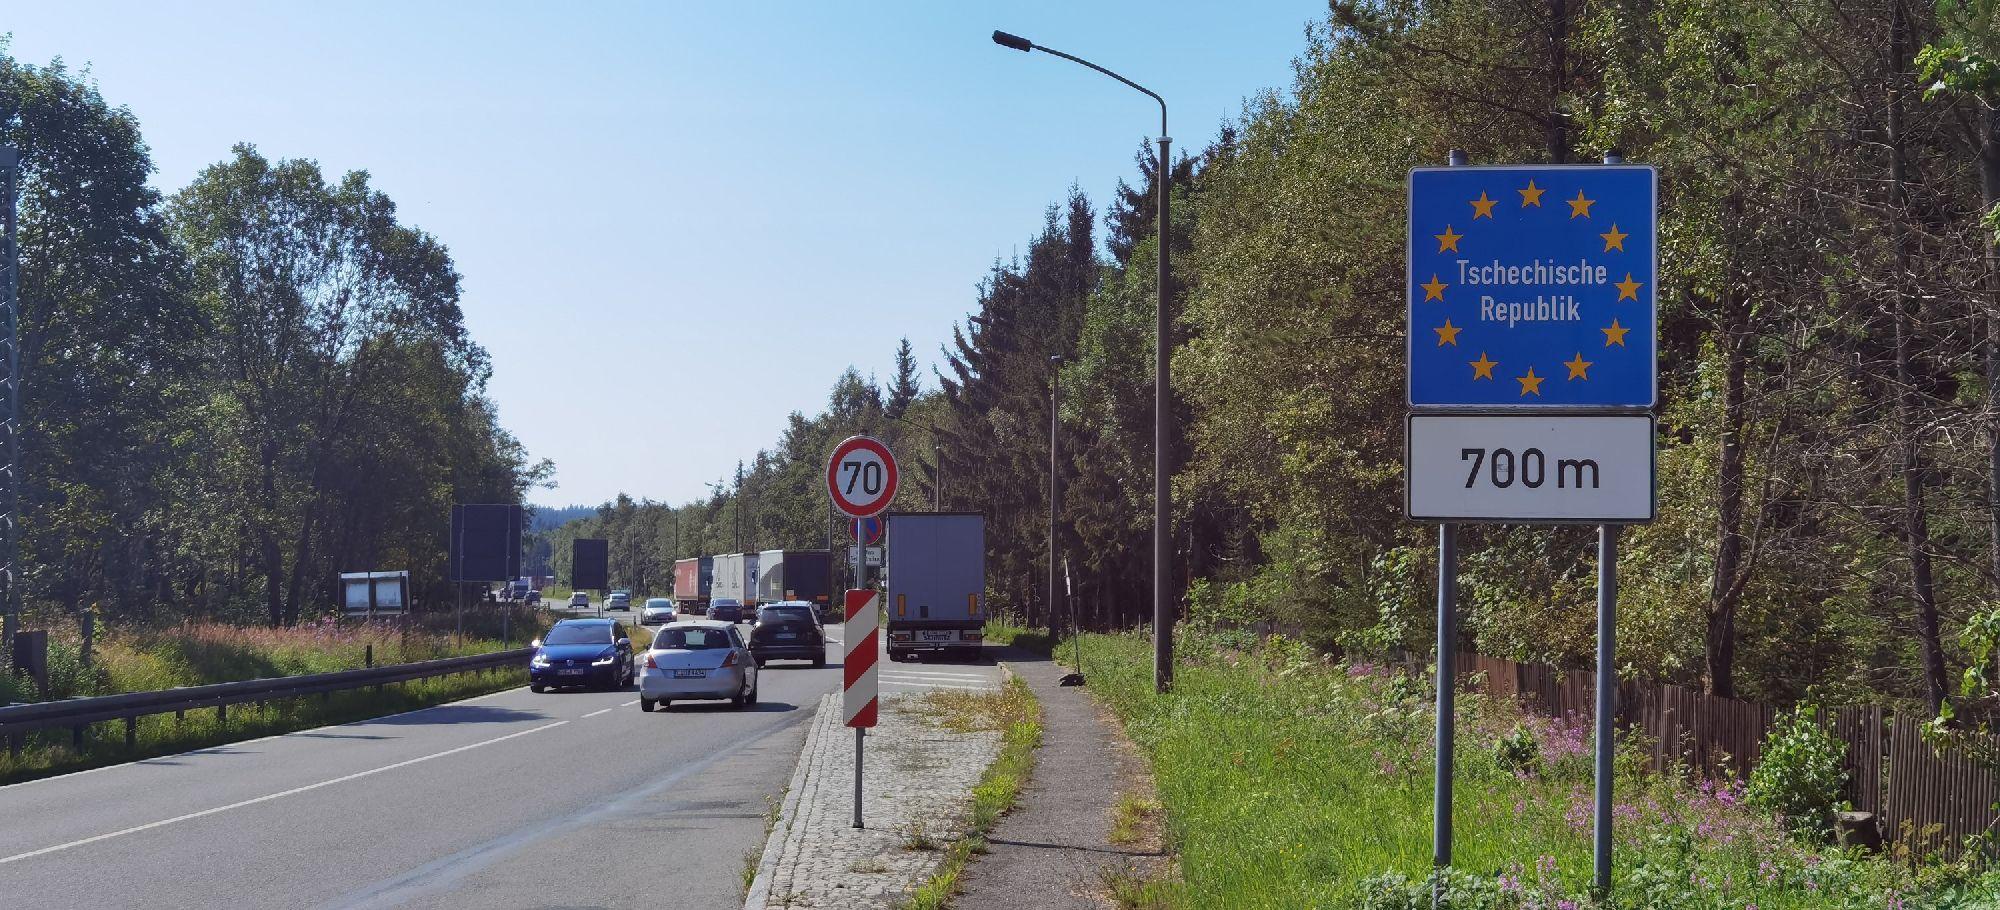 Reitzenhain an der Grenze zur Tschechischen Republik